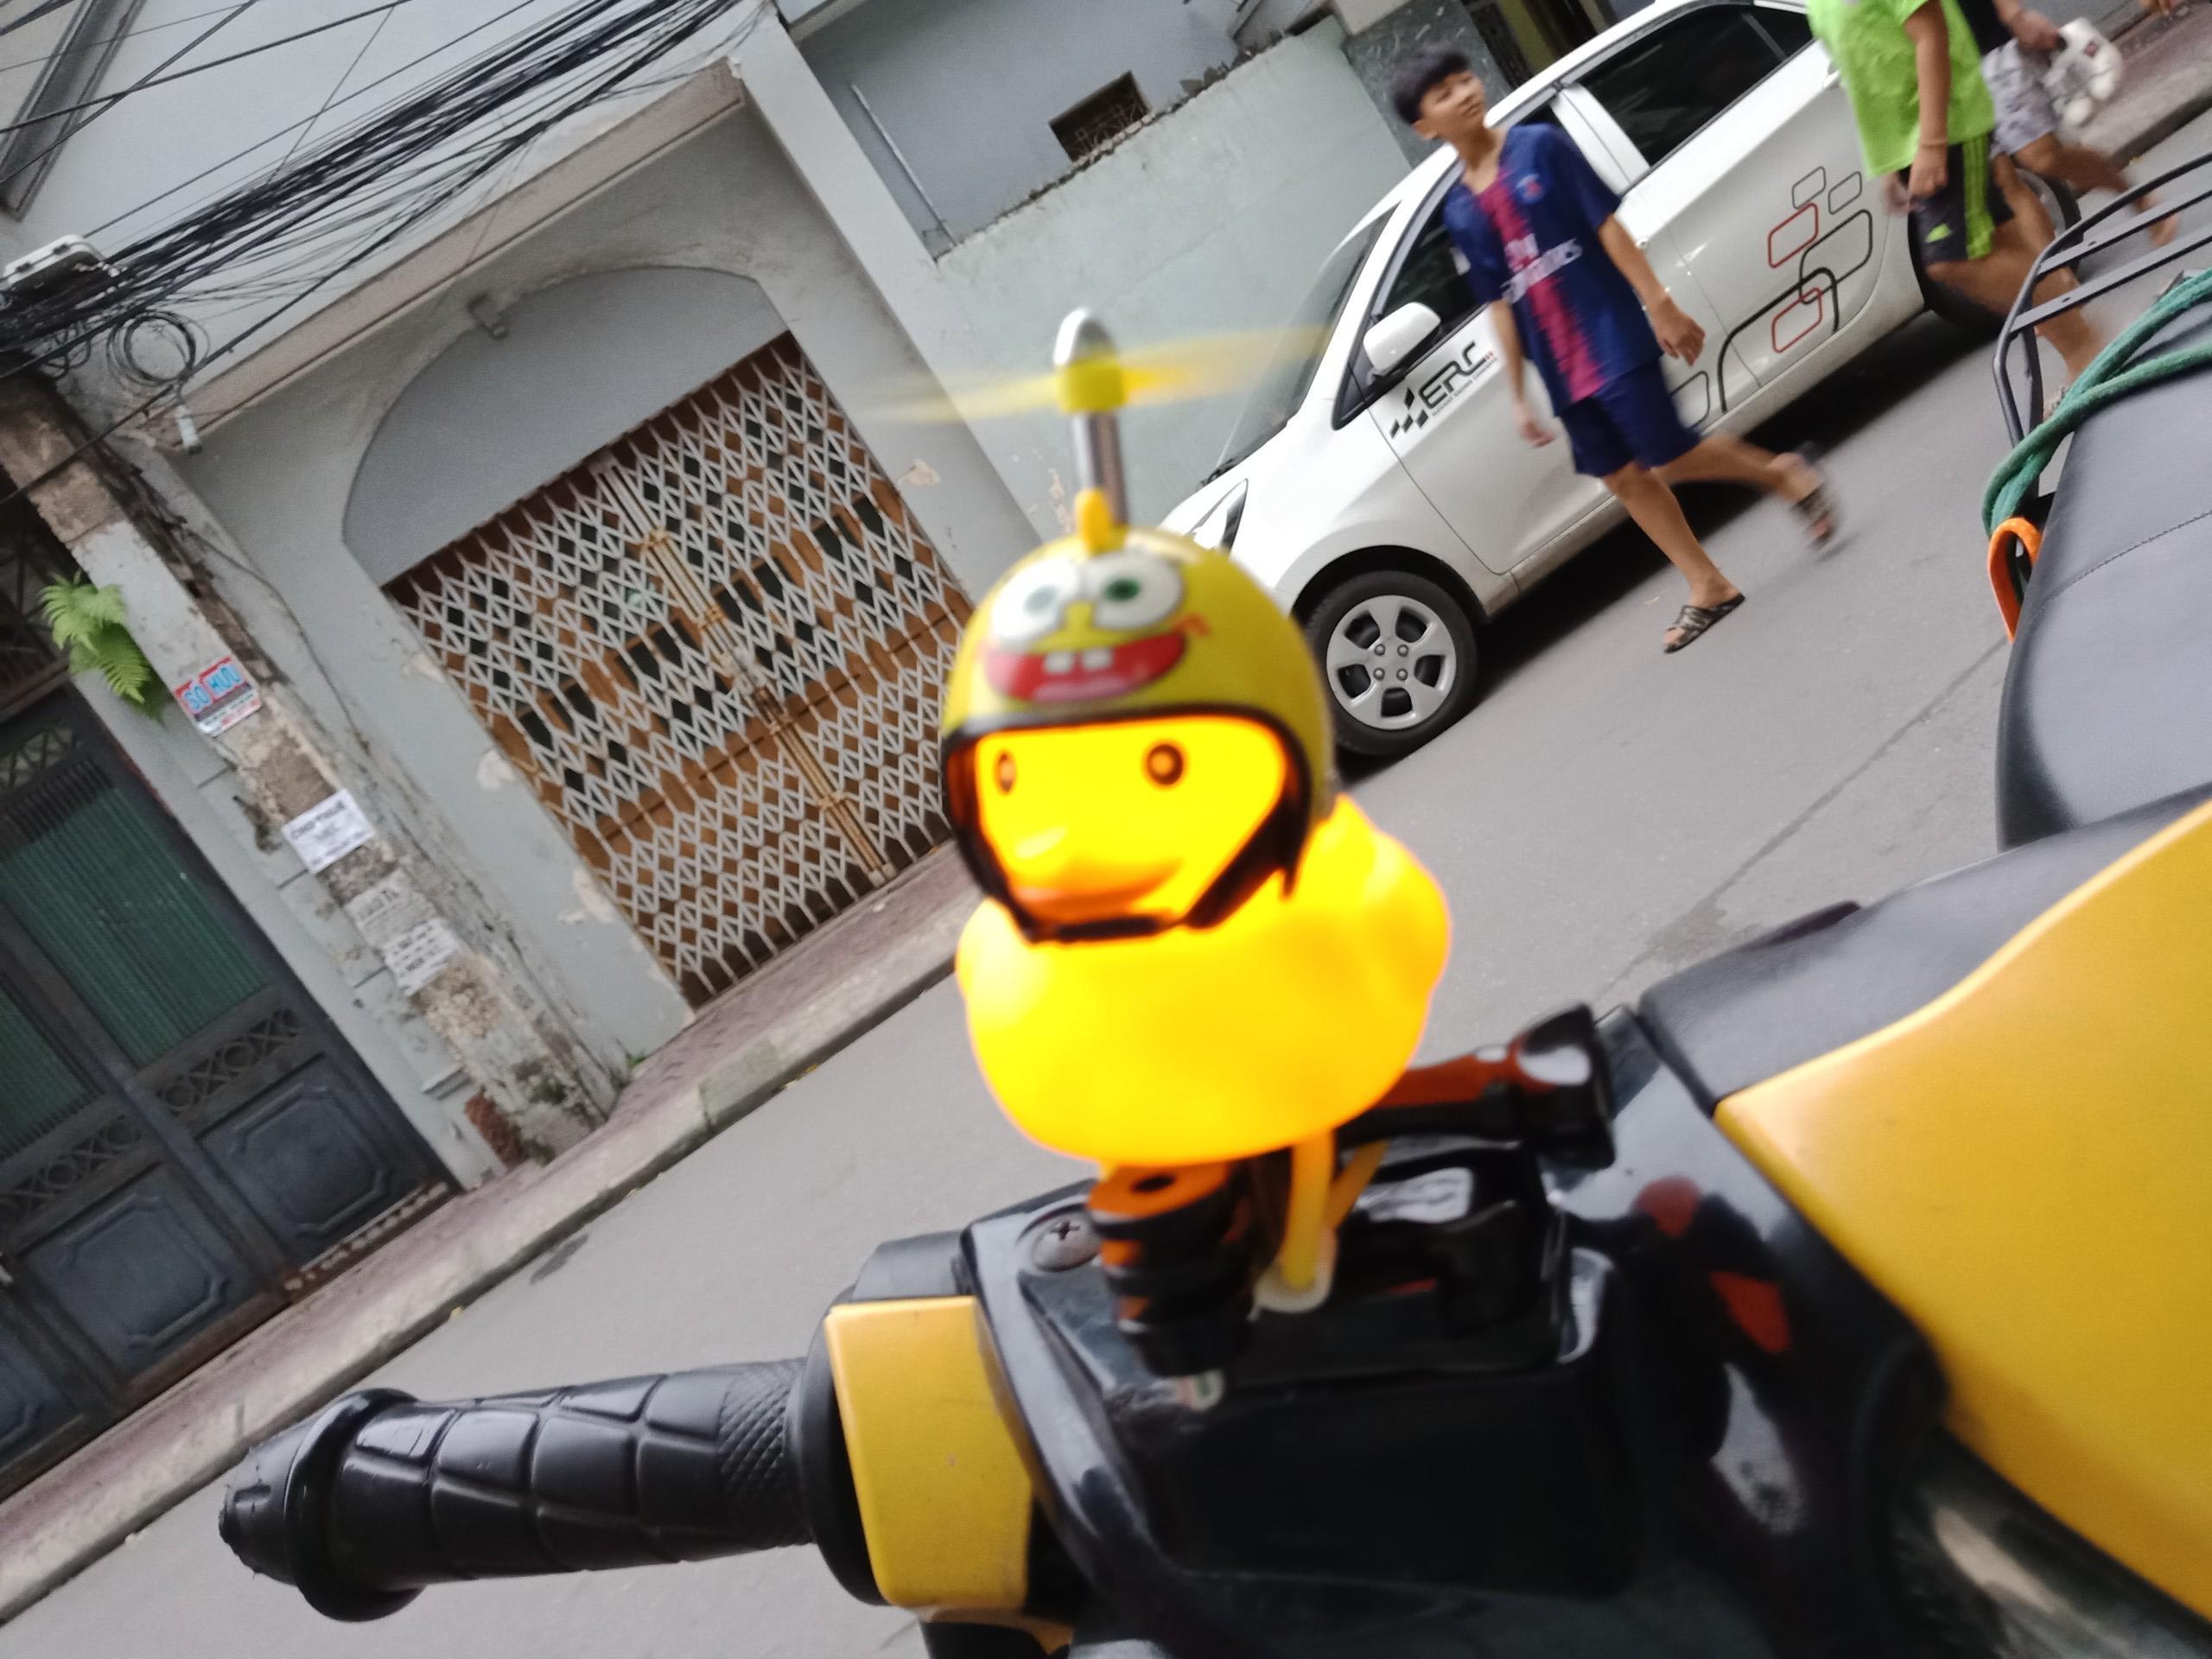 Vịt vàng đội mũ bảo hiểm có chong chóng gắn đầu xe - Vịt gắn đầu xe đạp, xe máy